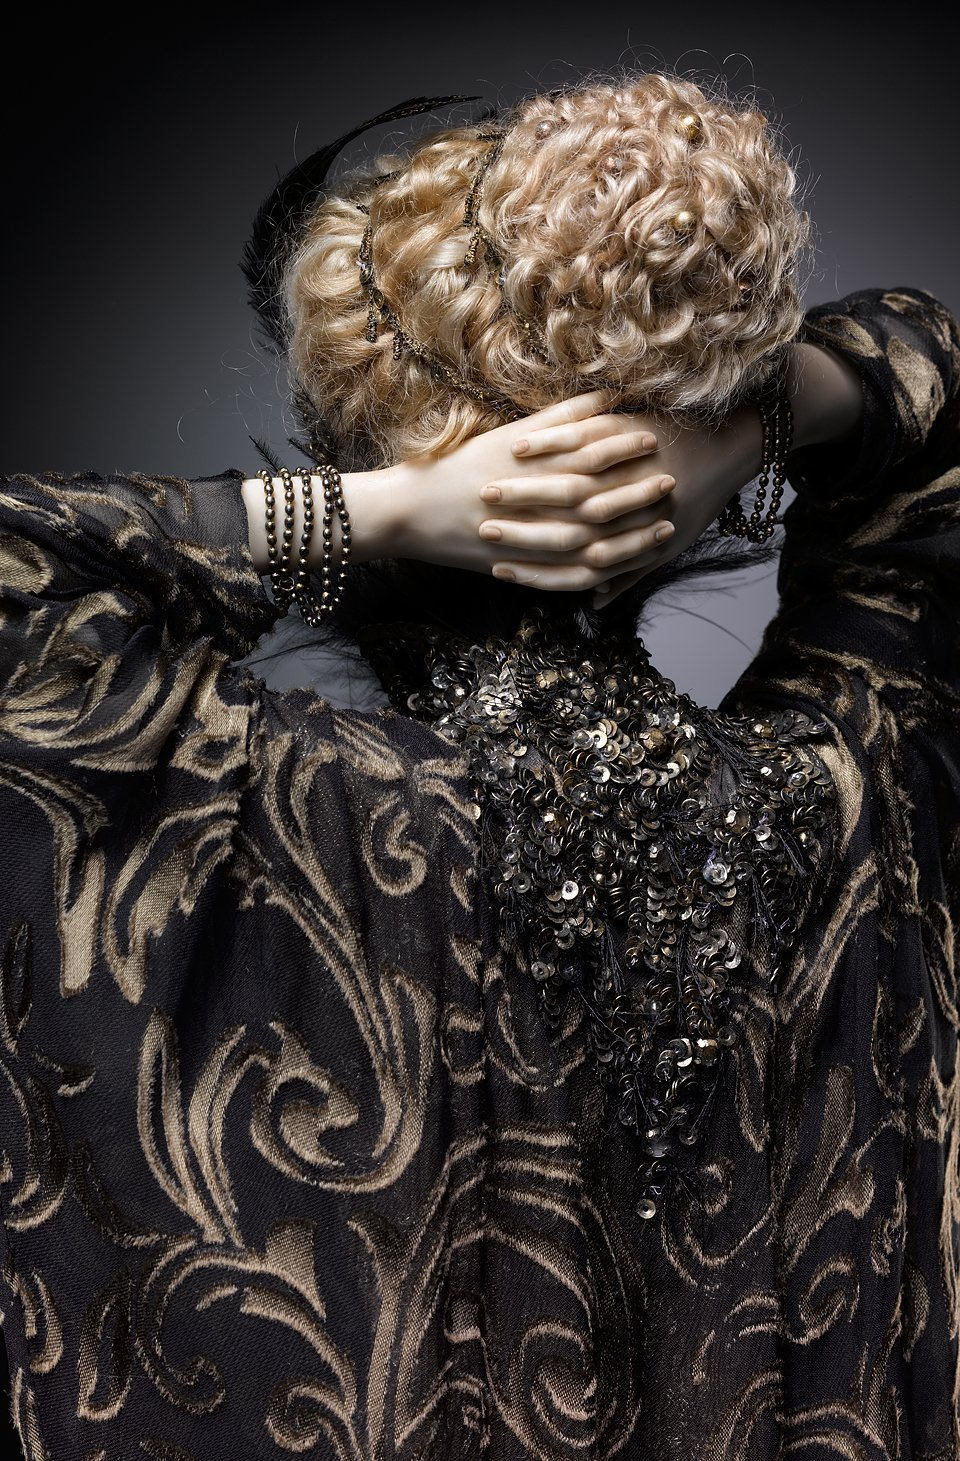 Alexandra-Kokinova-muneca-hecha-a-mano-Tina-art-deco-detalle-recogido-pelo